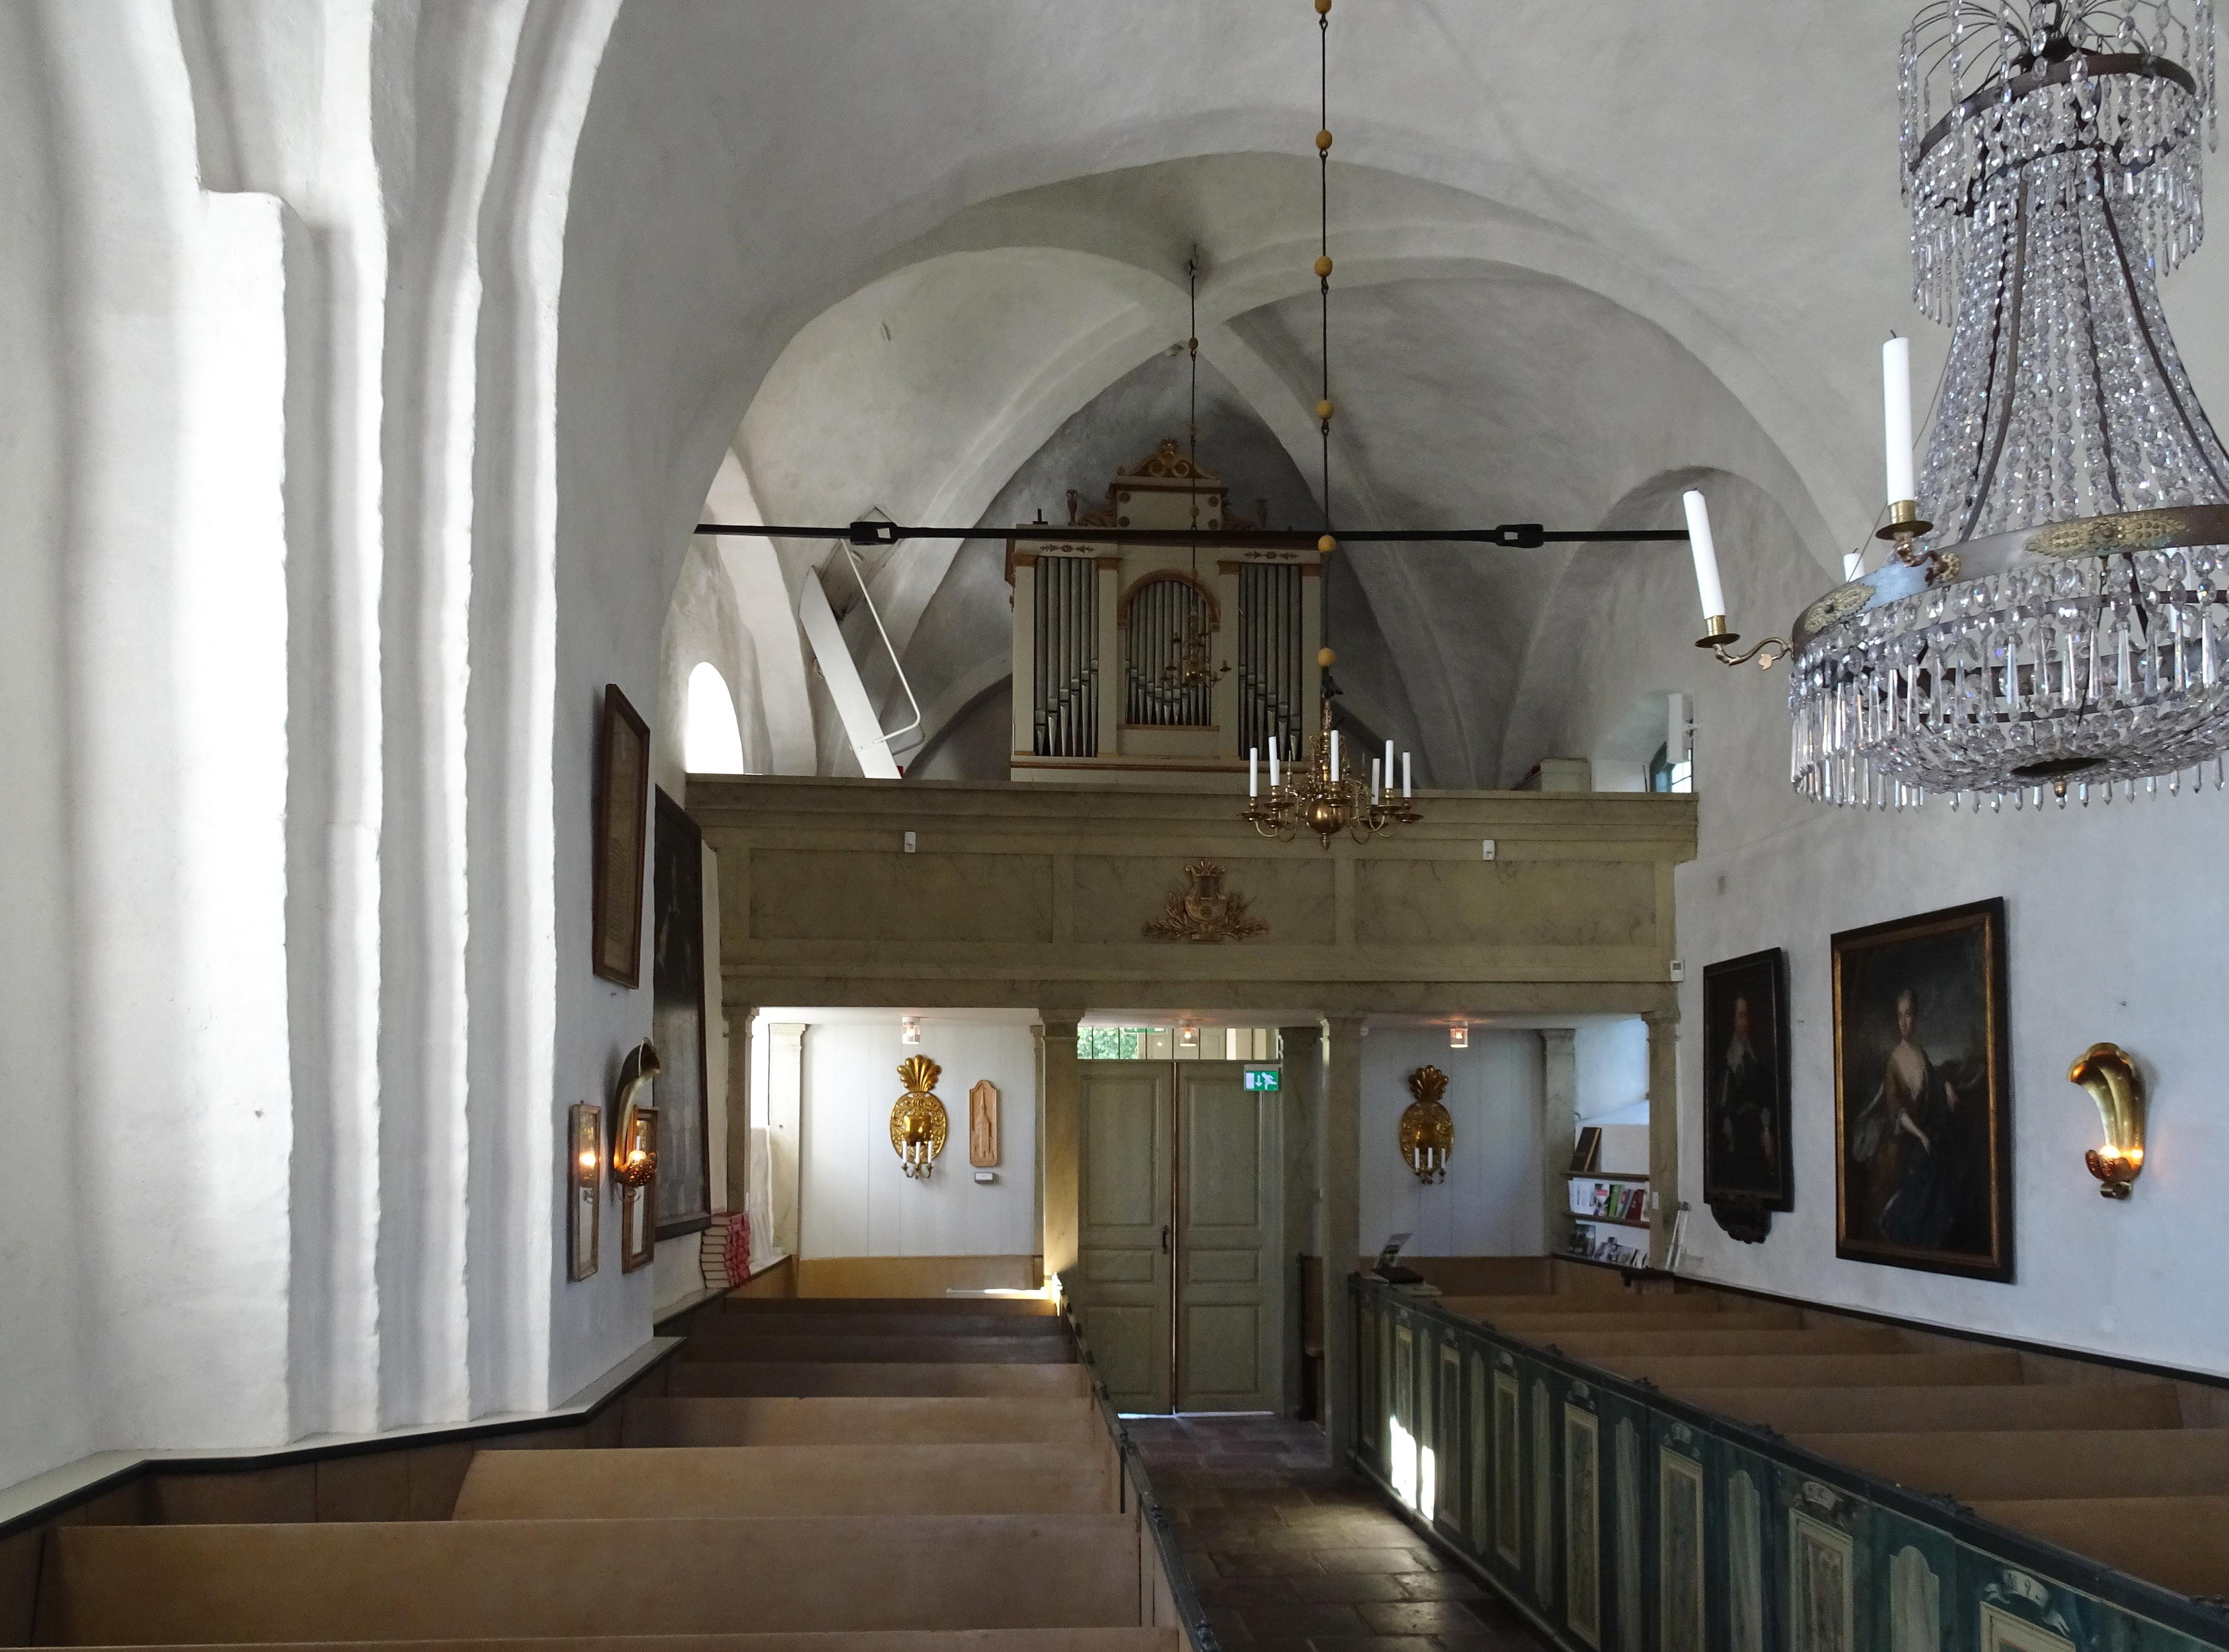 Adelsö kyrka interiör, 2016a.jpg